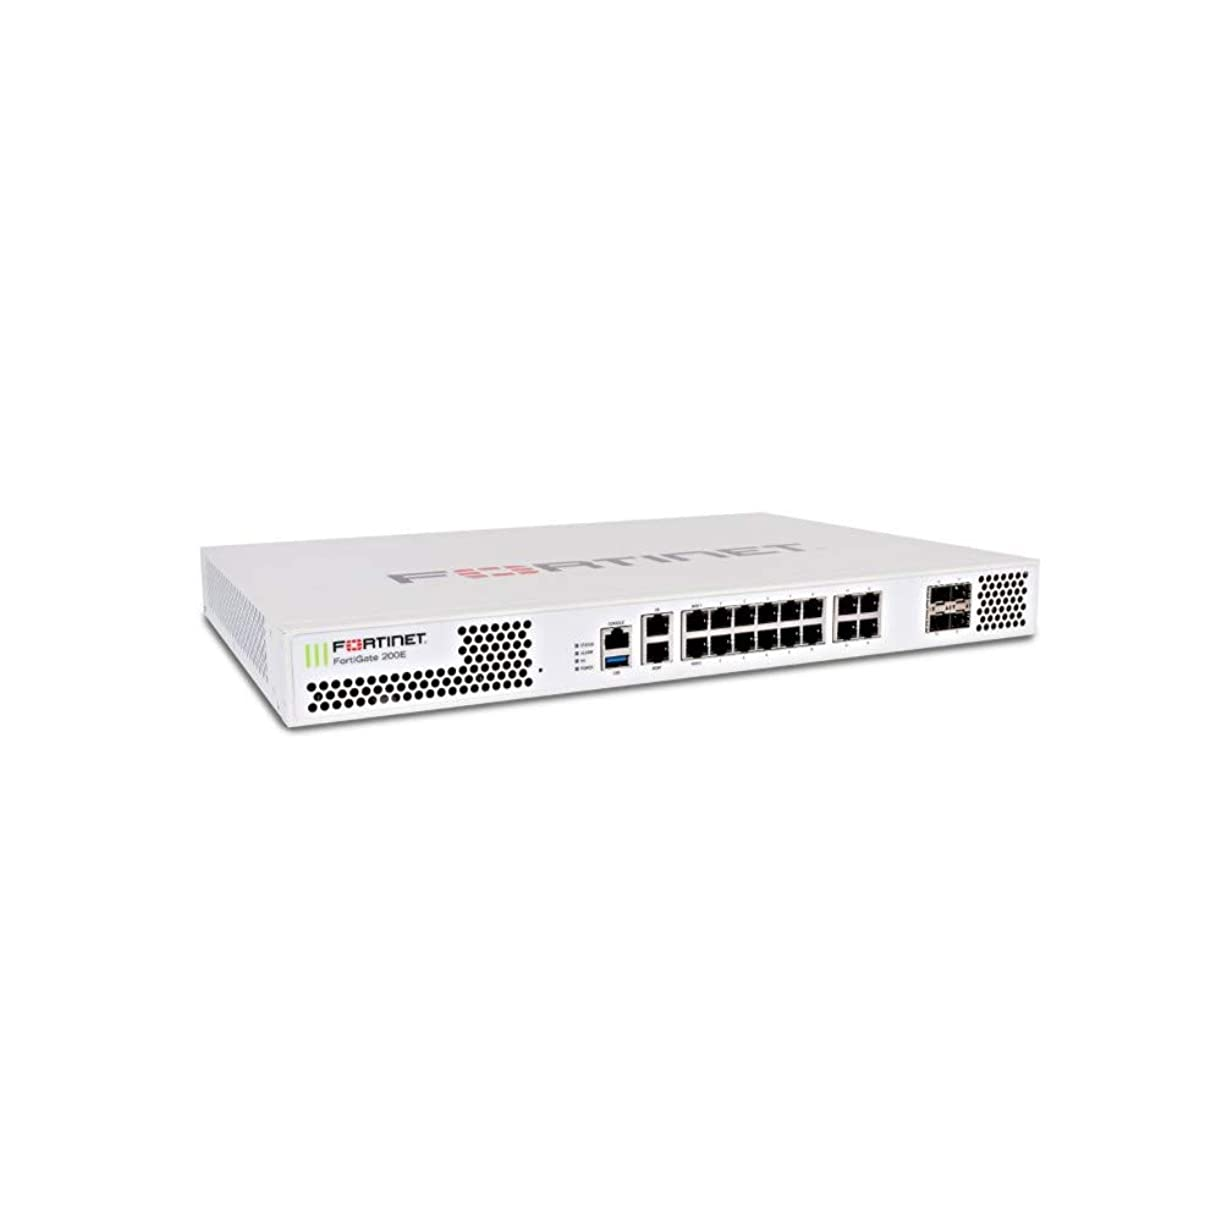 マサッチョテロ状Fortinet FortiGate 200eネットワークセキュリティ/ファイアウォールアプライアンス